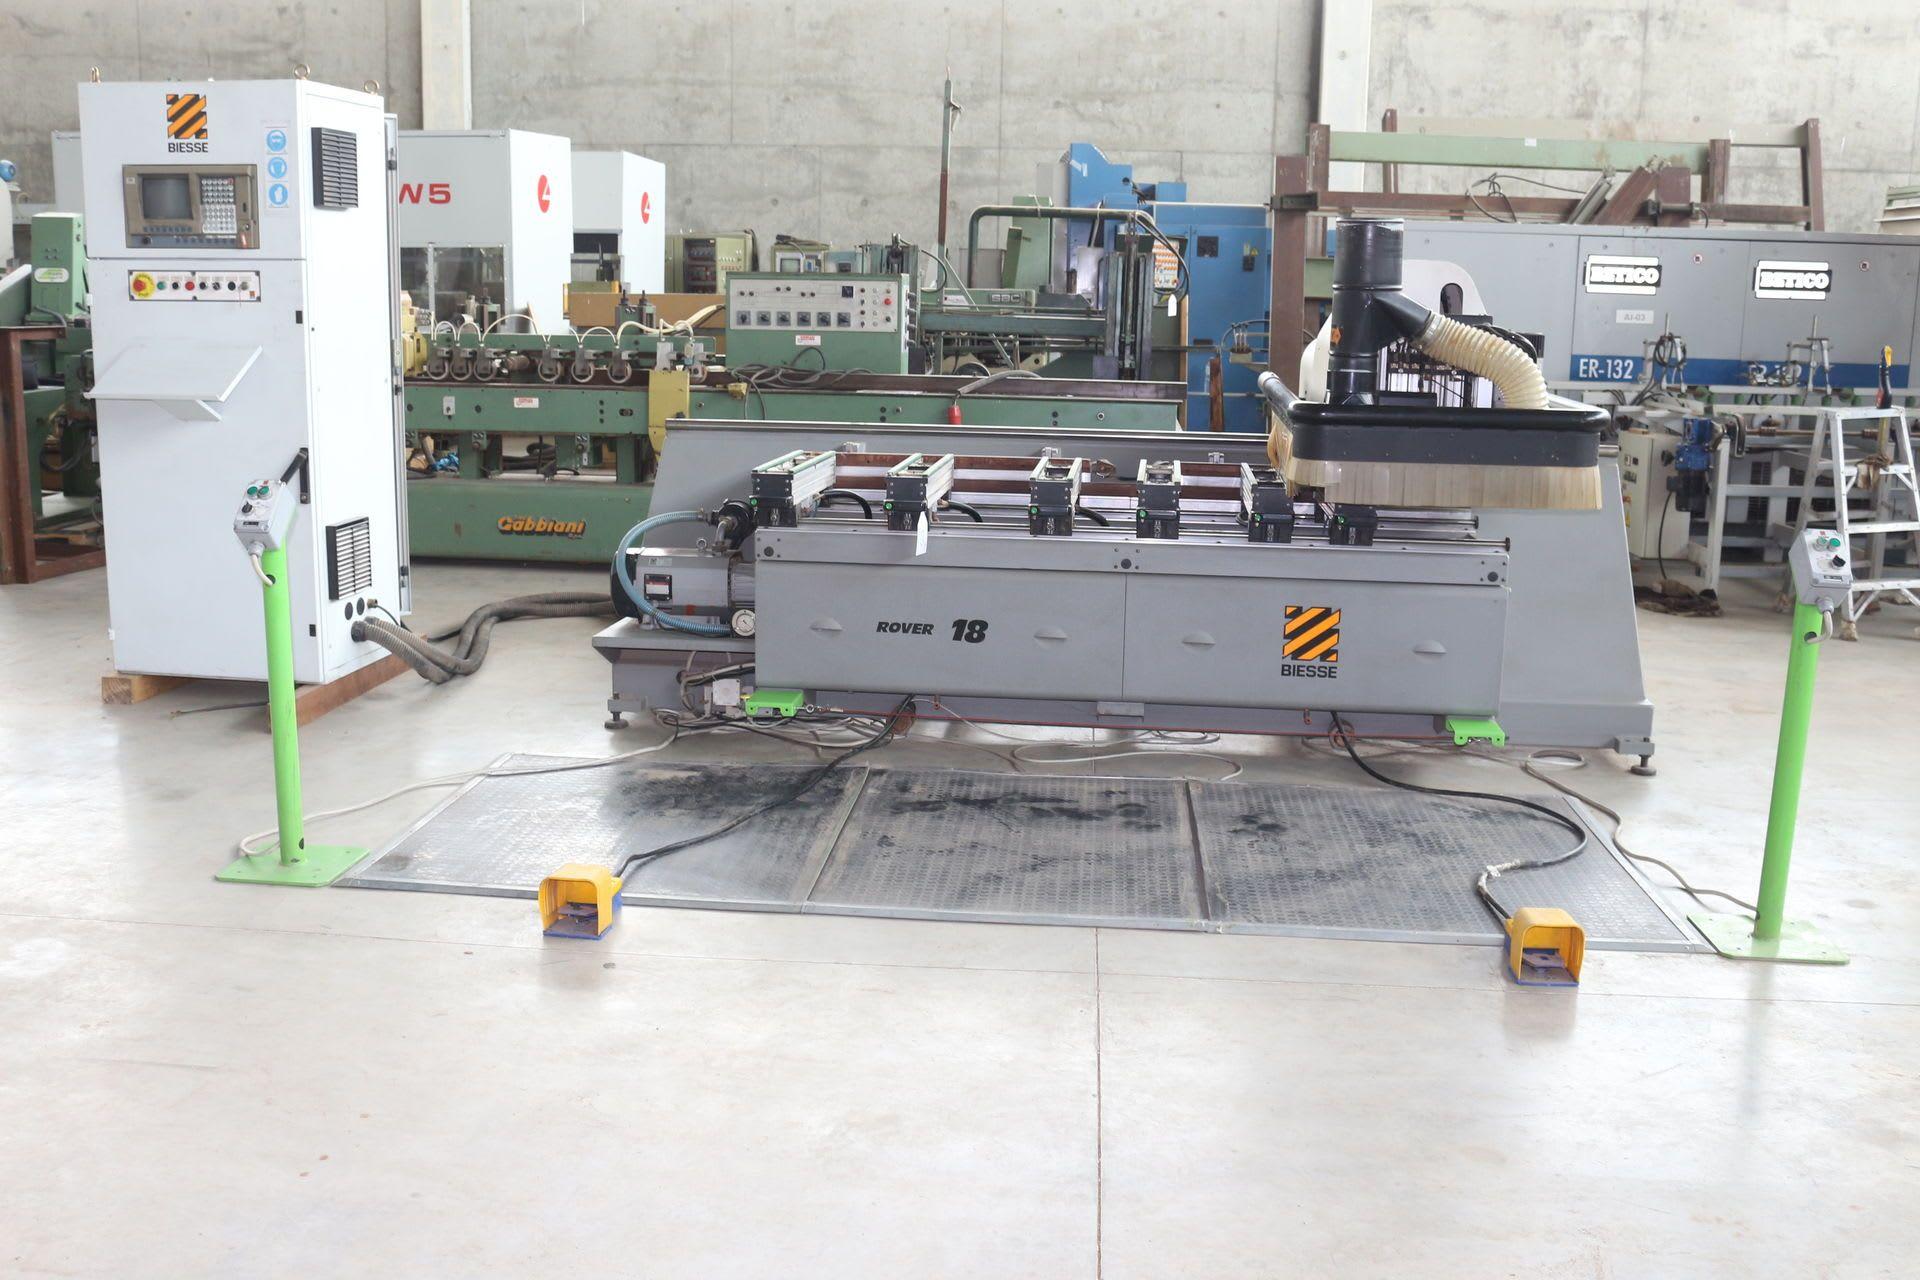 BIESSE ROVER 18 CNC-Bearbeitungszentrum